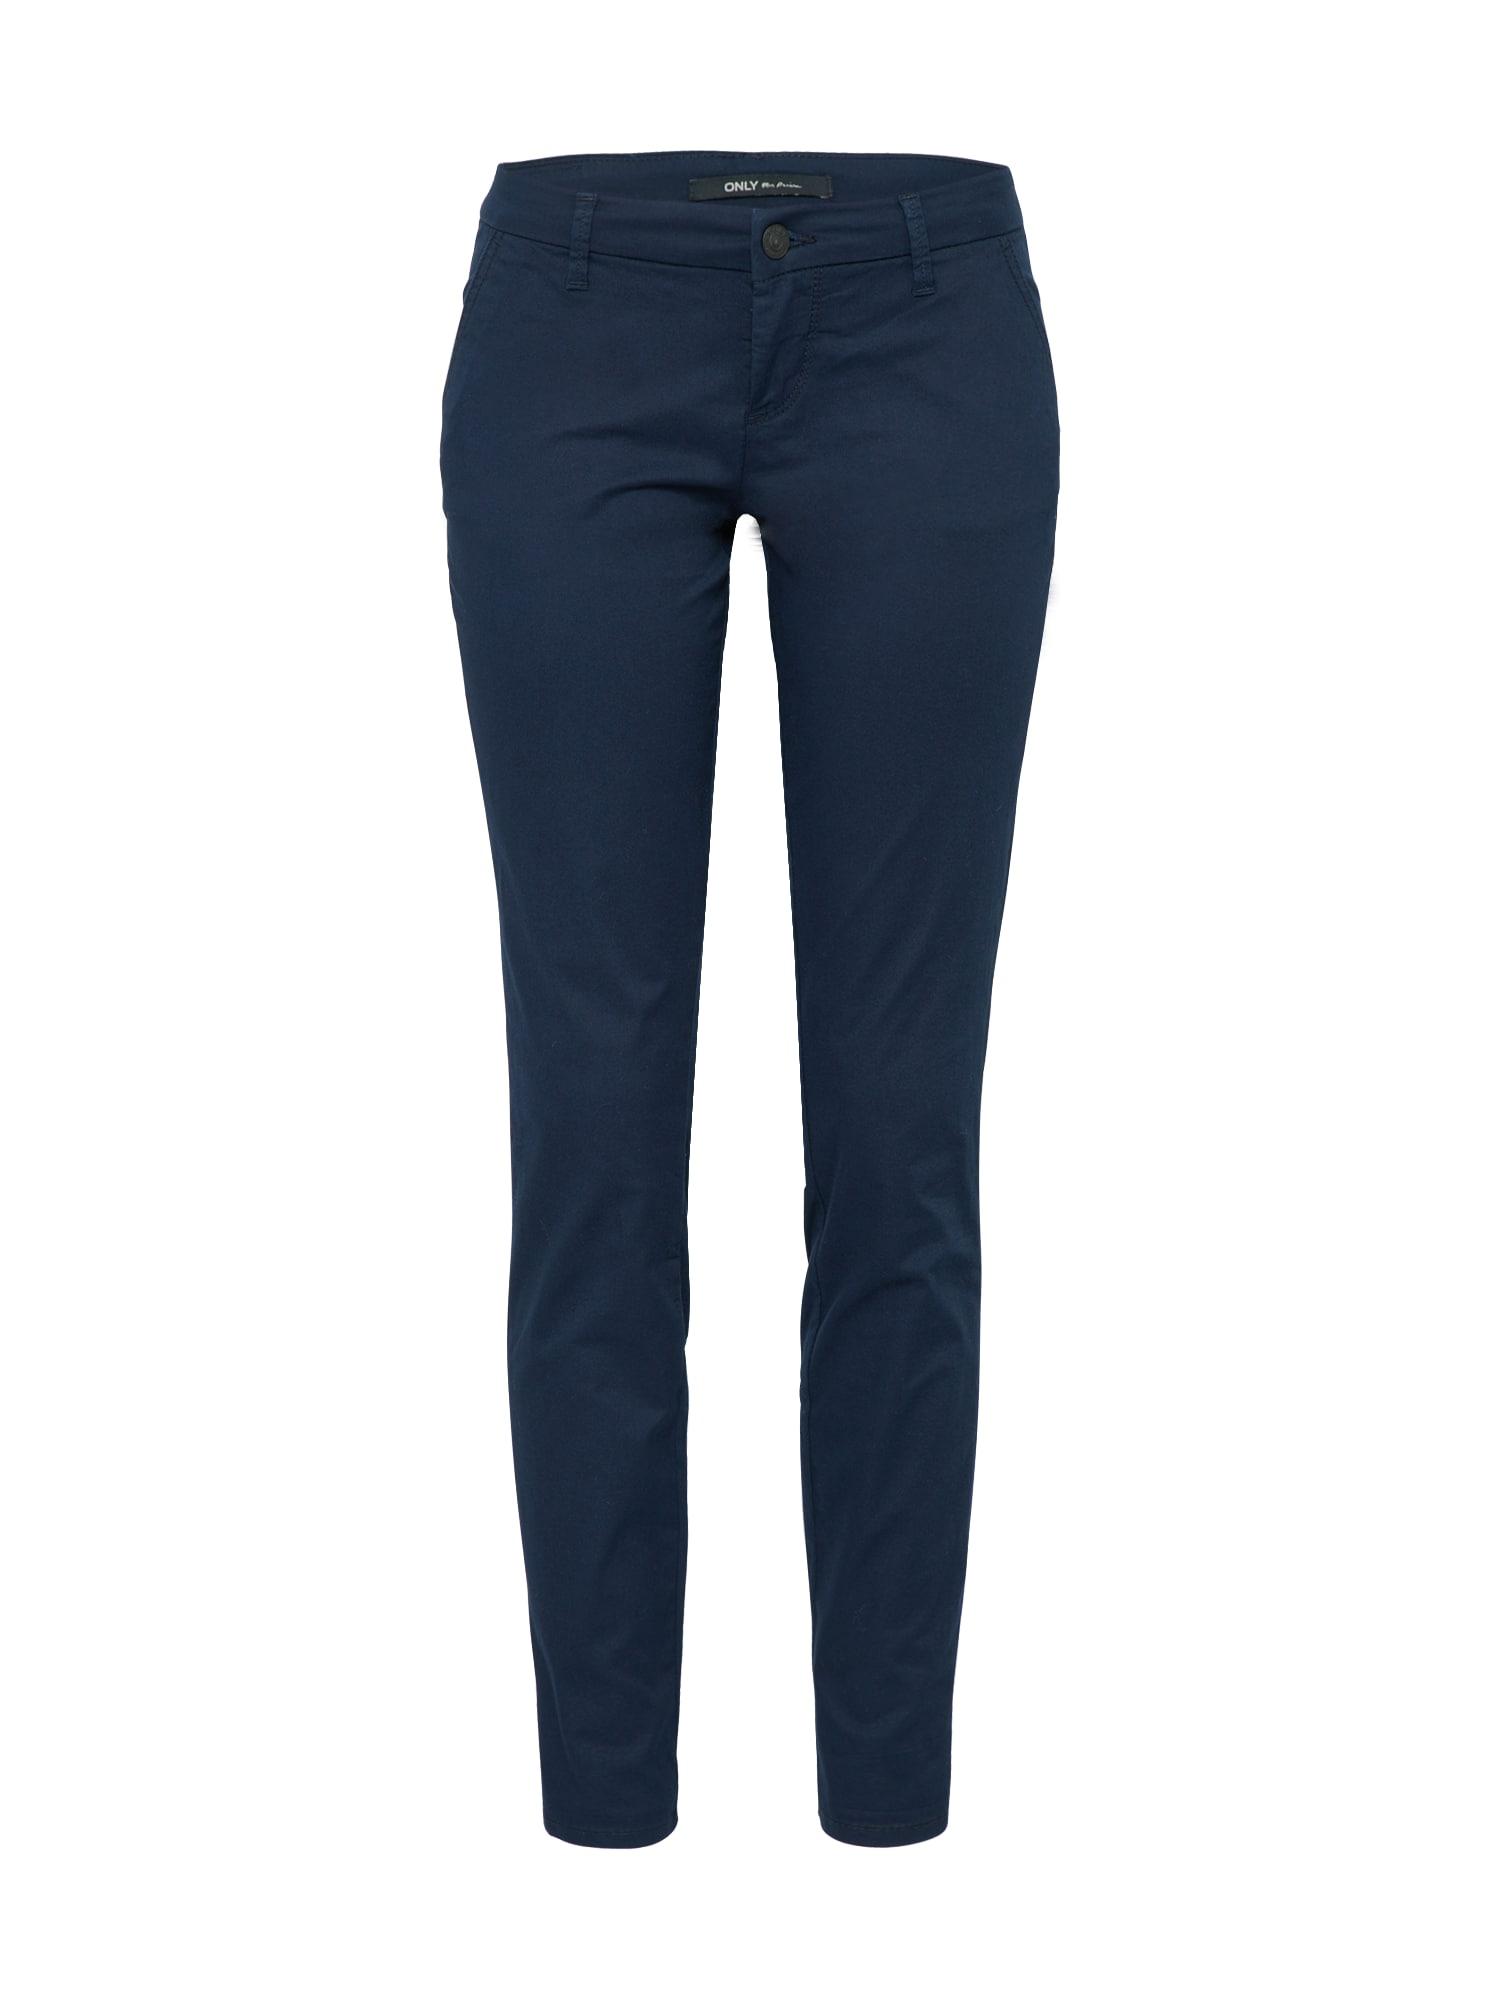 Chino kalhoty onlPARIS námořnická modř ONLY